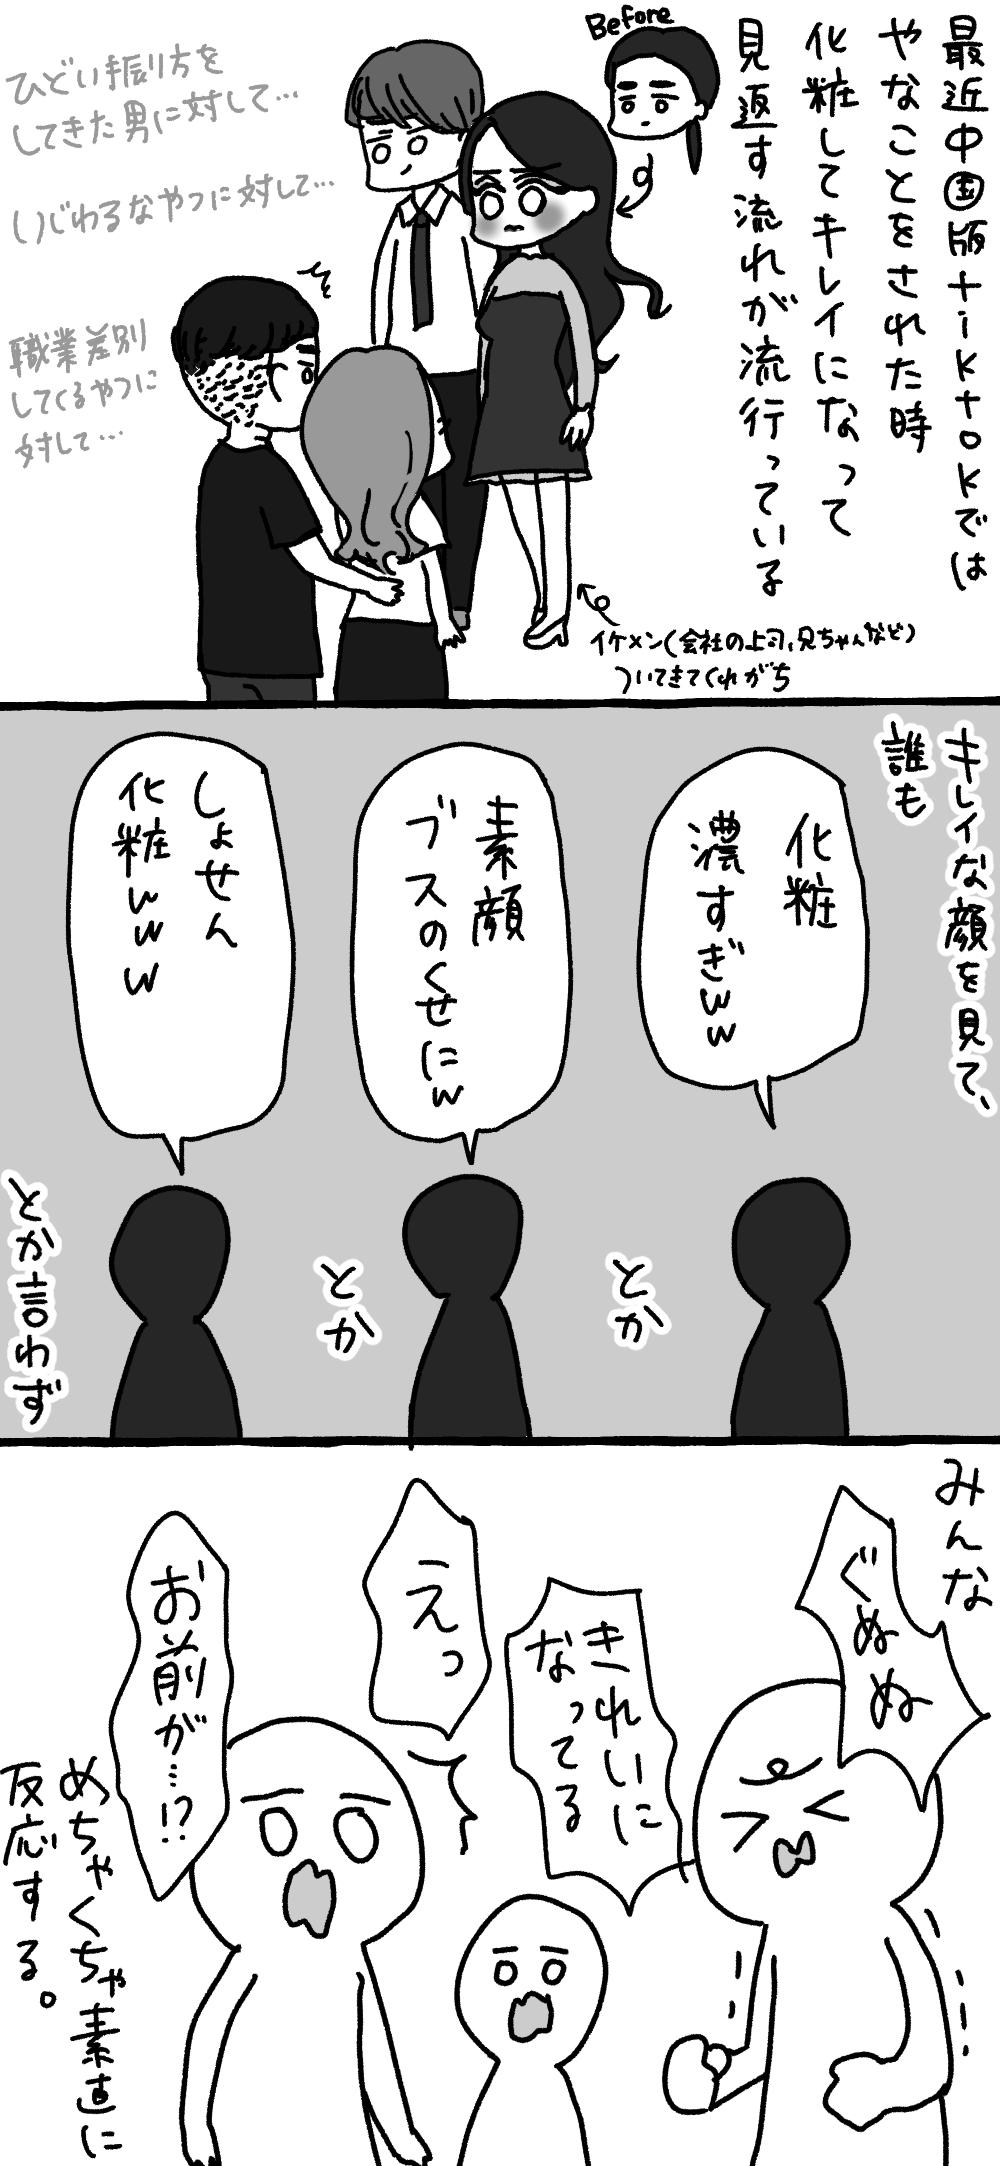 化粧や整形における日本と中国の捉え方の違い